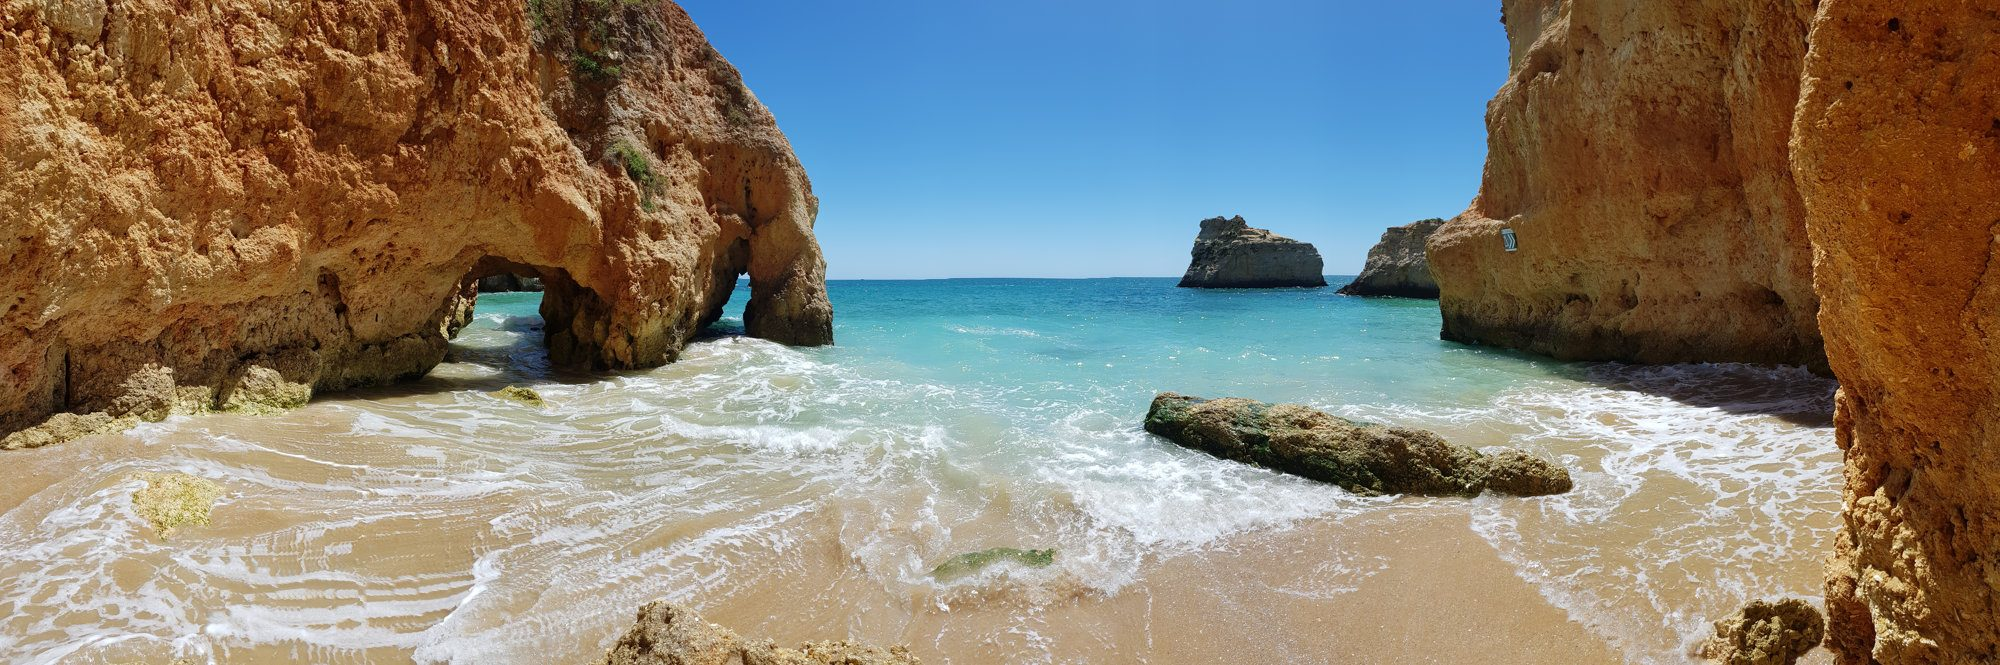 Praia dos Três Irmãos, Portugal